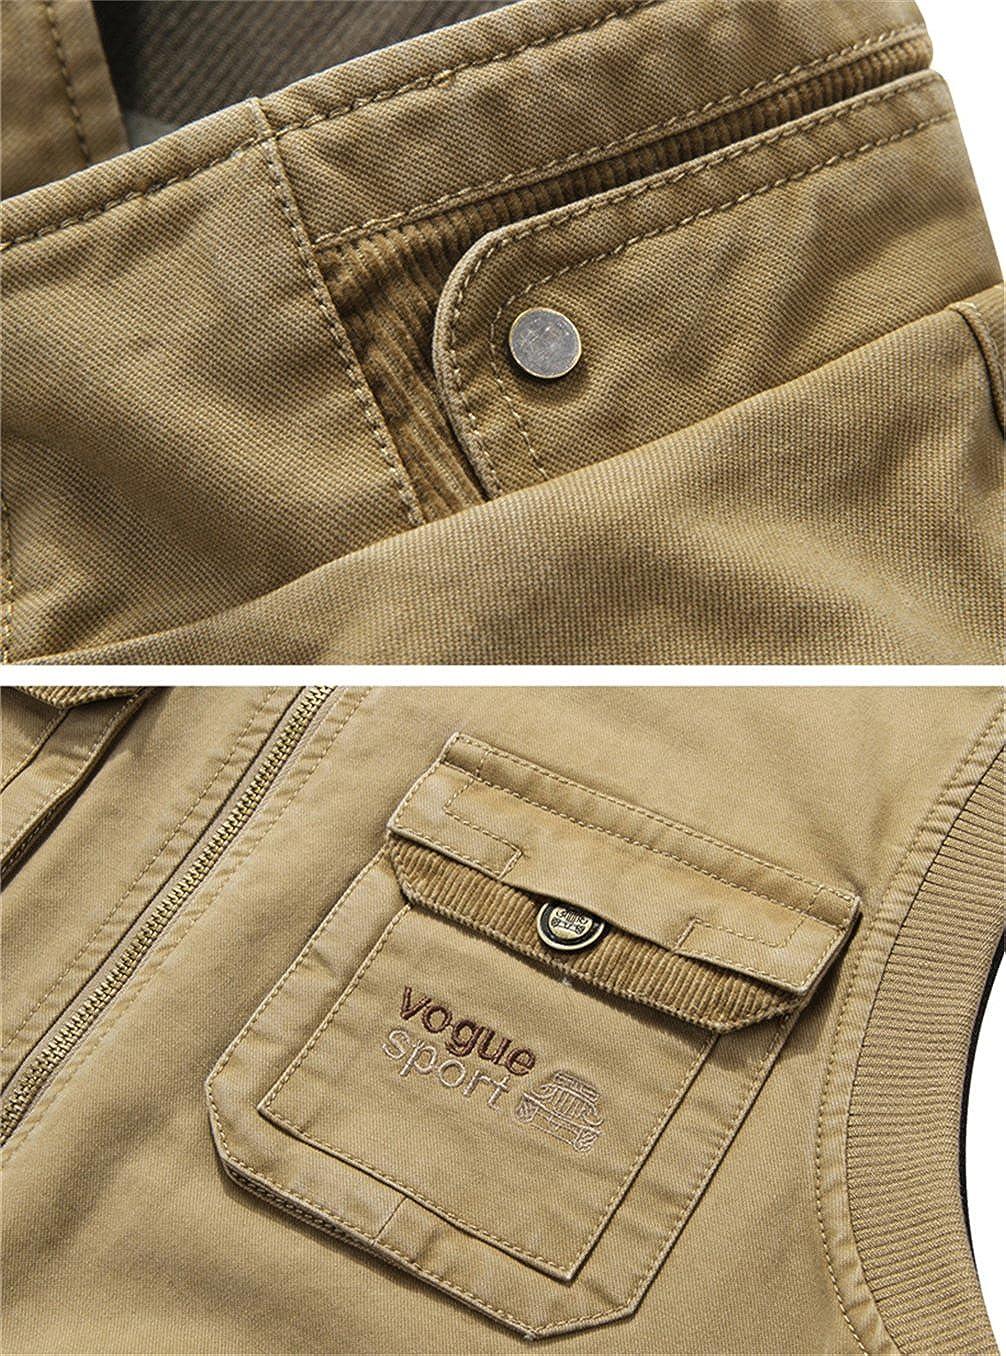 Z6M6 Herren Gute Qualit/ät Multi-Tasche Milit/är Baumwolle Weste Outdoor Angeln Jagd Schie/ßen /Ärmellos Schnell Trocknend Jacken Mens Multi-Pocket Vest